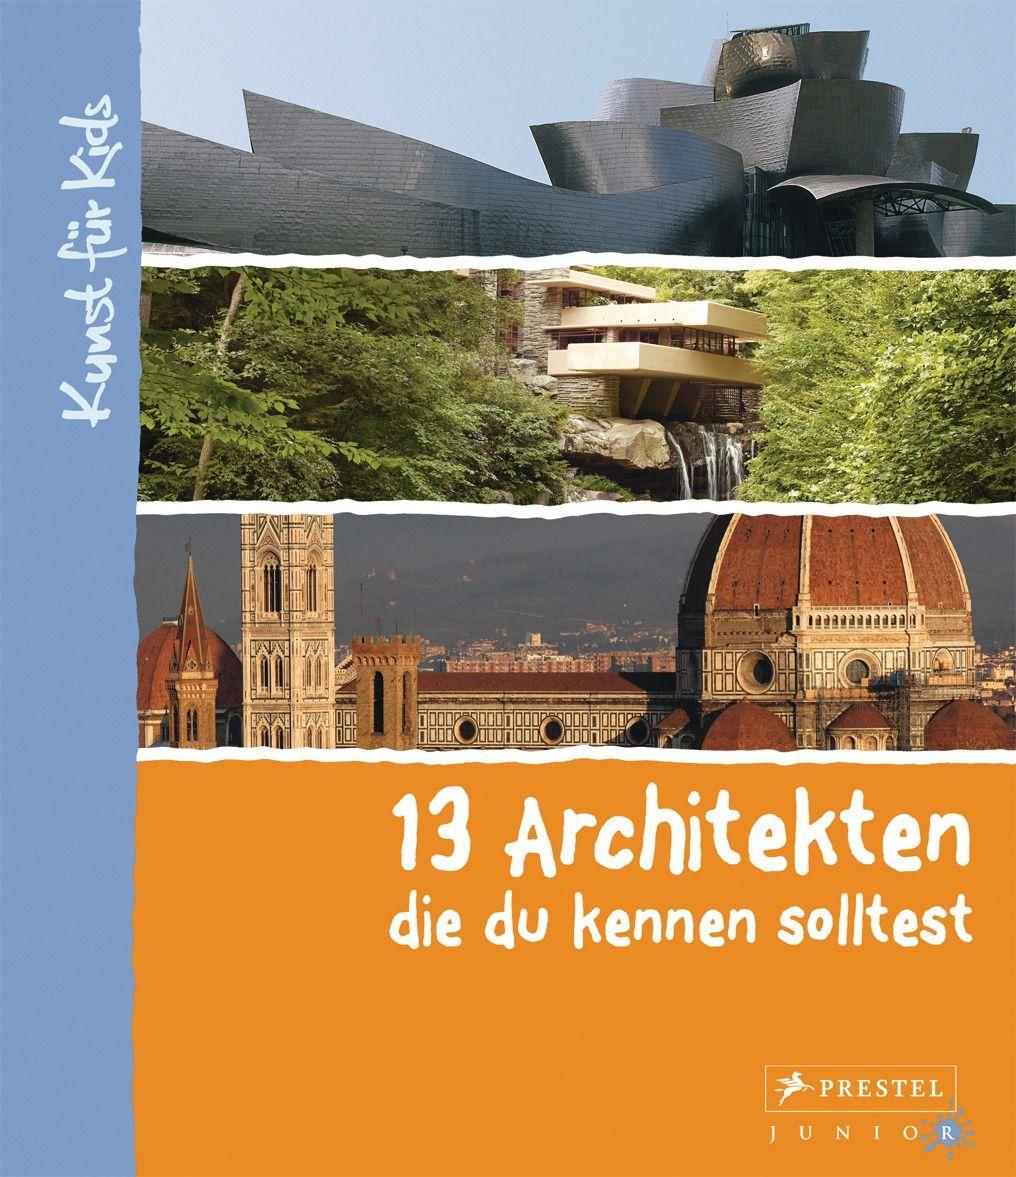 Architektur f r kinder alle b cher und publikation zum thema - Bekannte architekten ...